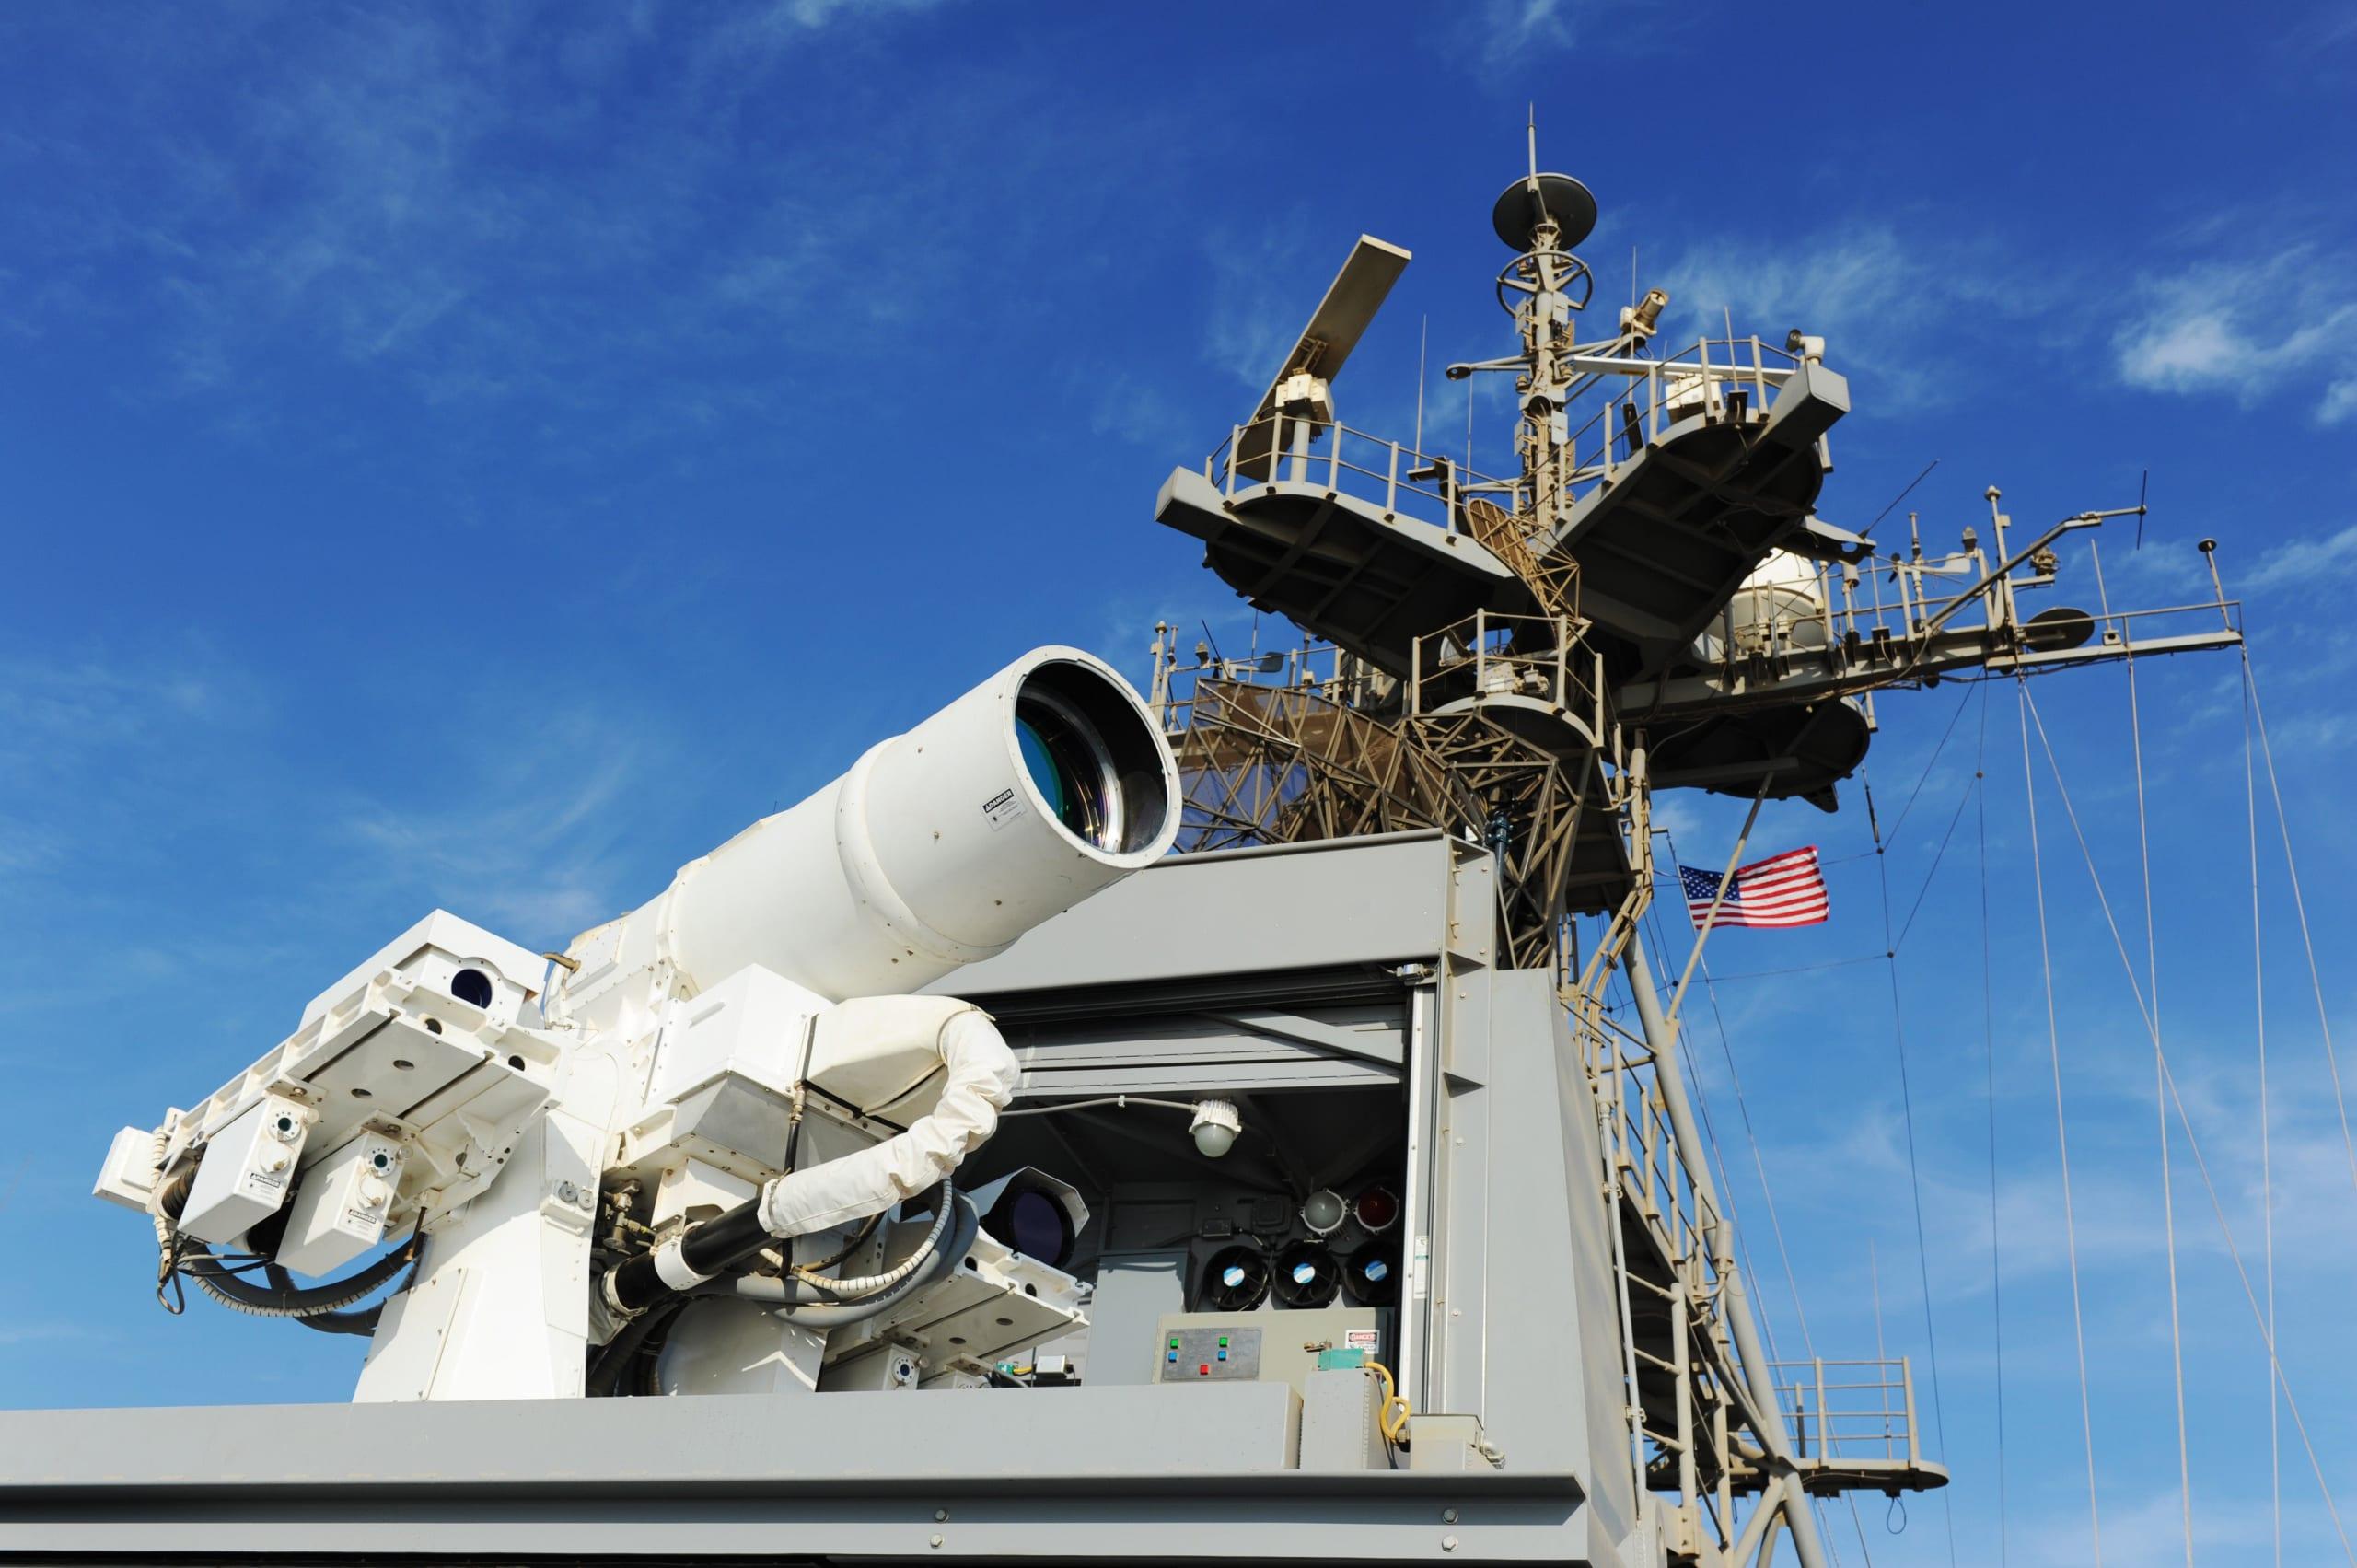 La marina statunitense ha costruito l'arma laser più potente al mondo